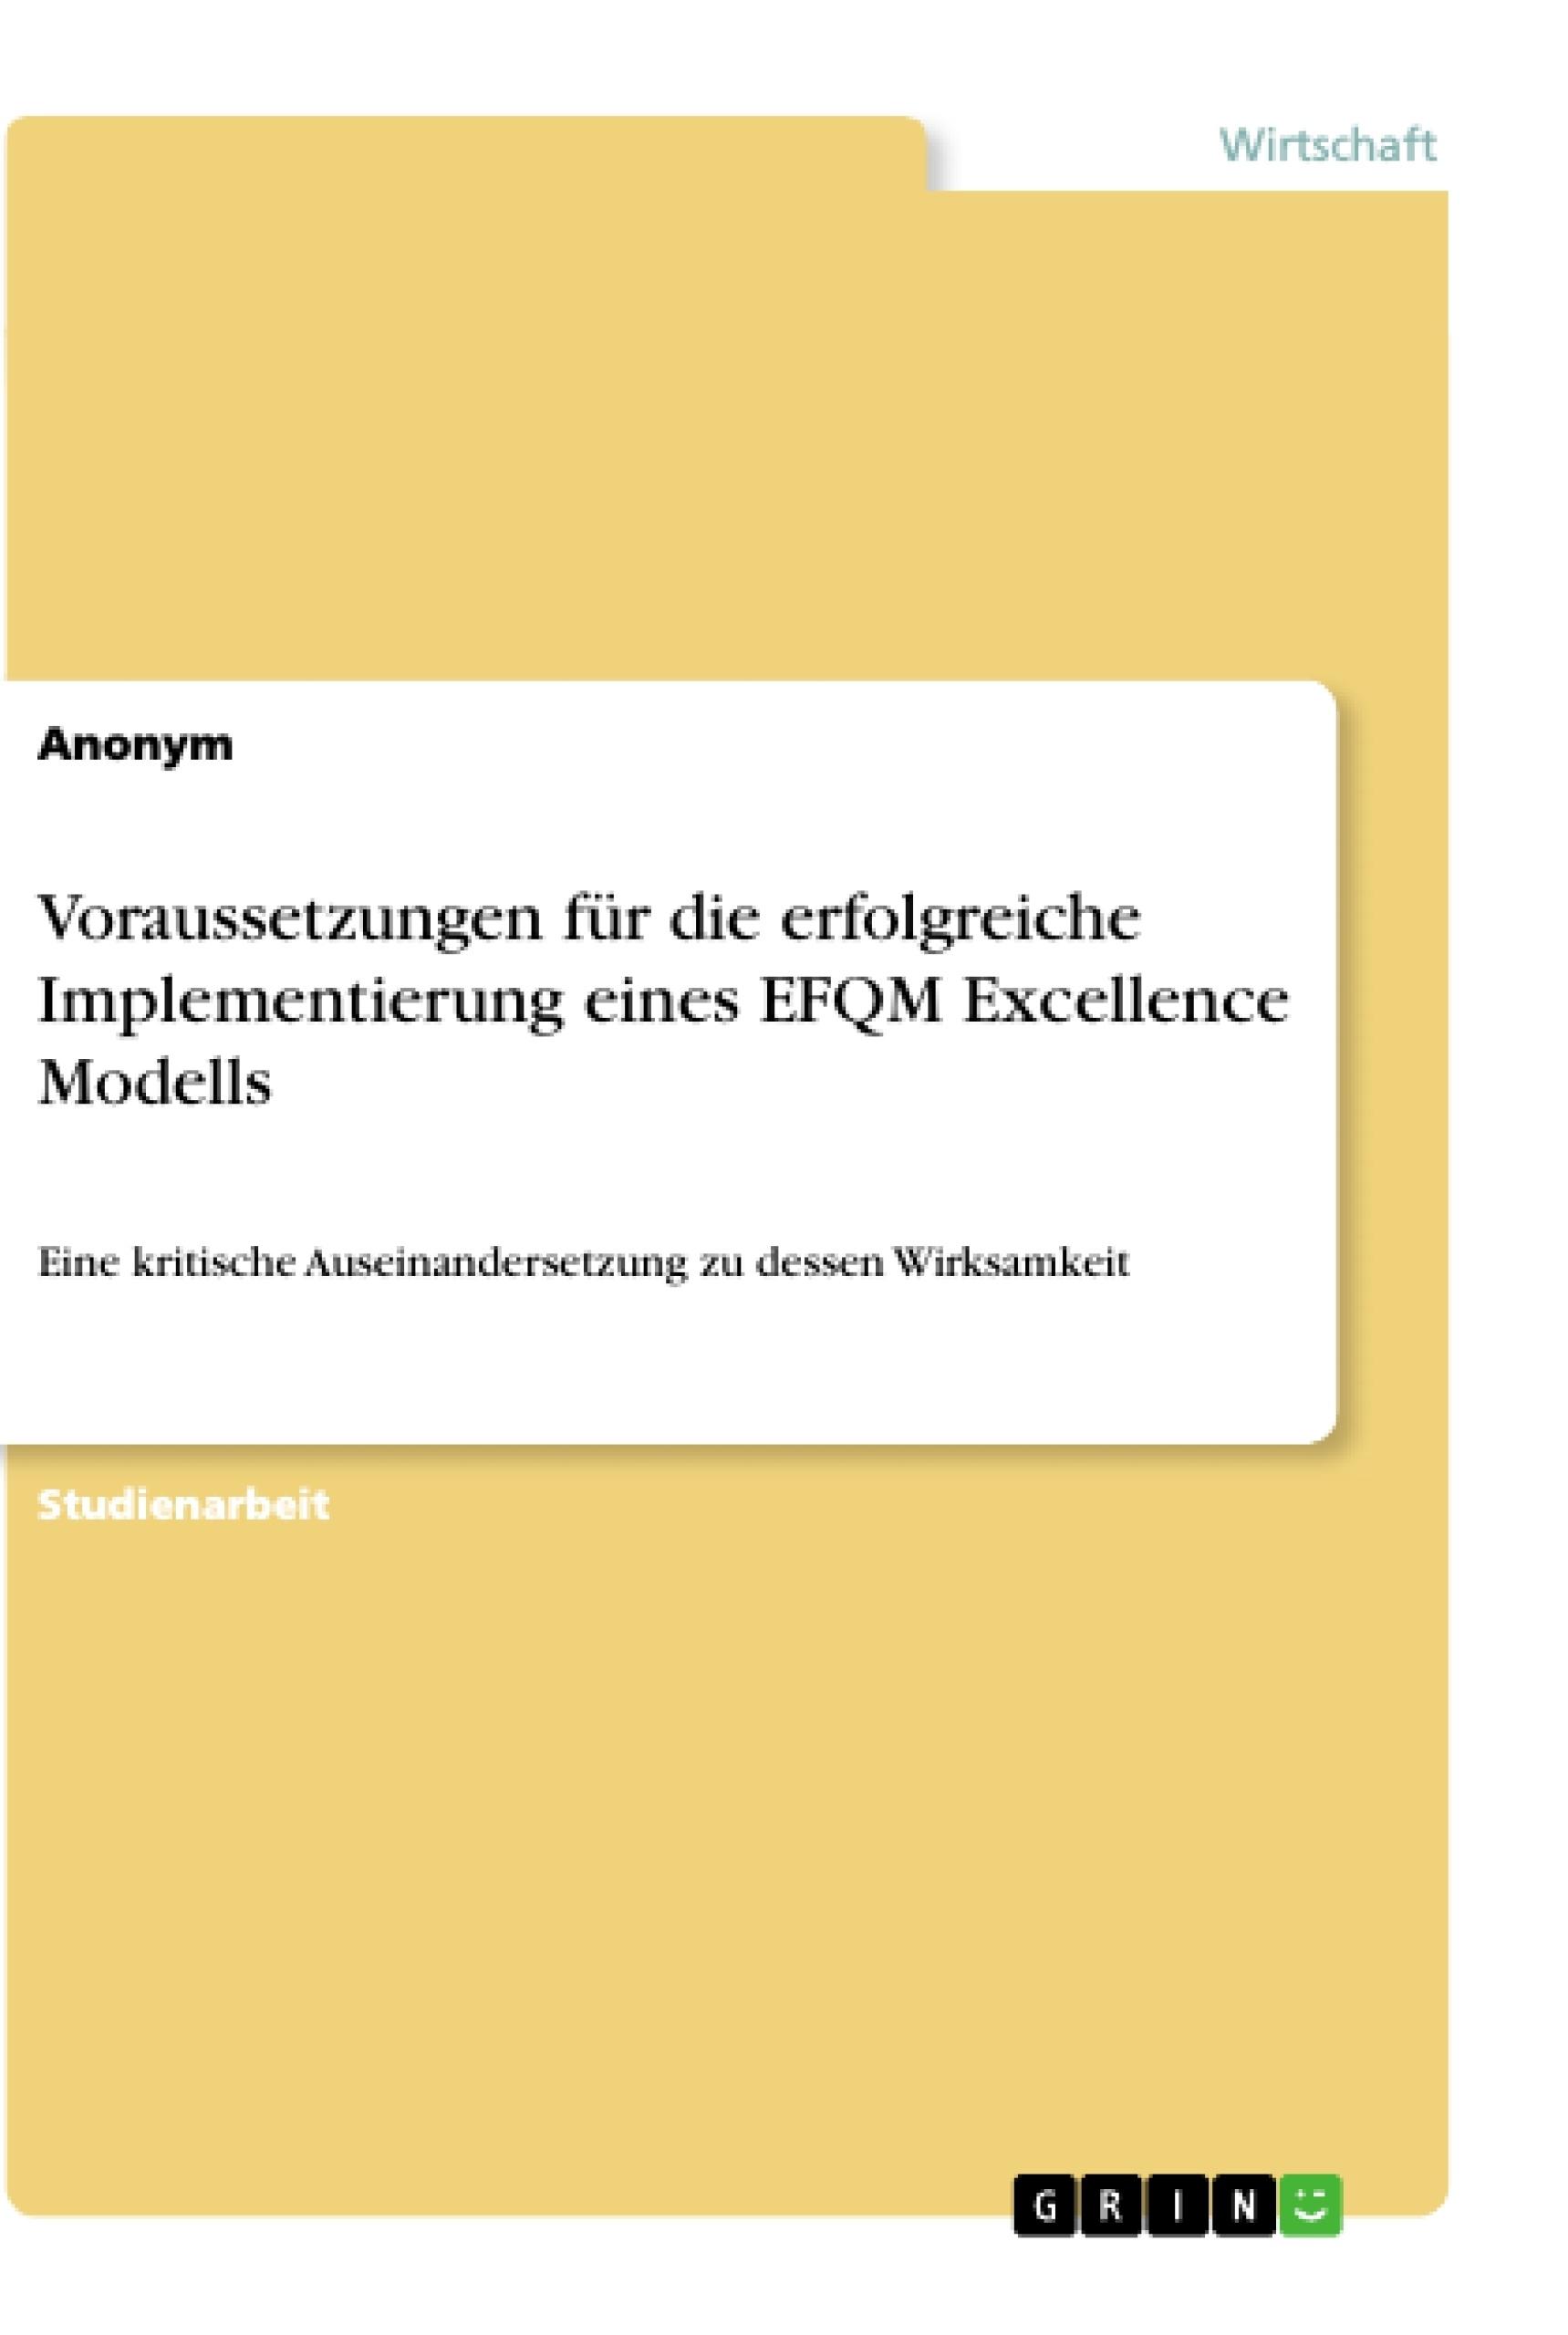 Titel: Voraussetzungen für die erfolgreiche Implementierung eines EFQM Excellence Modells